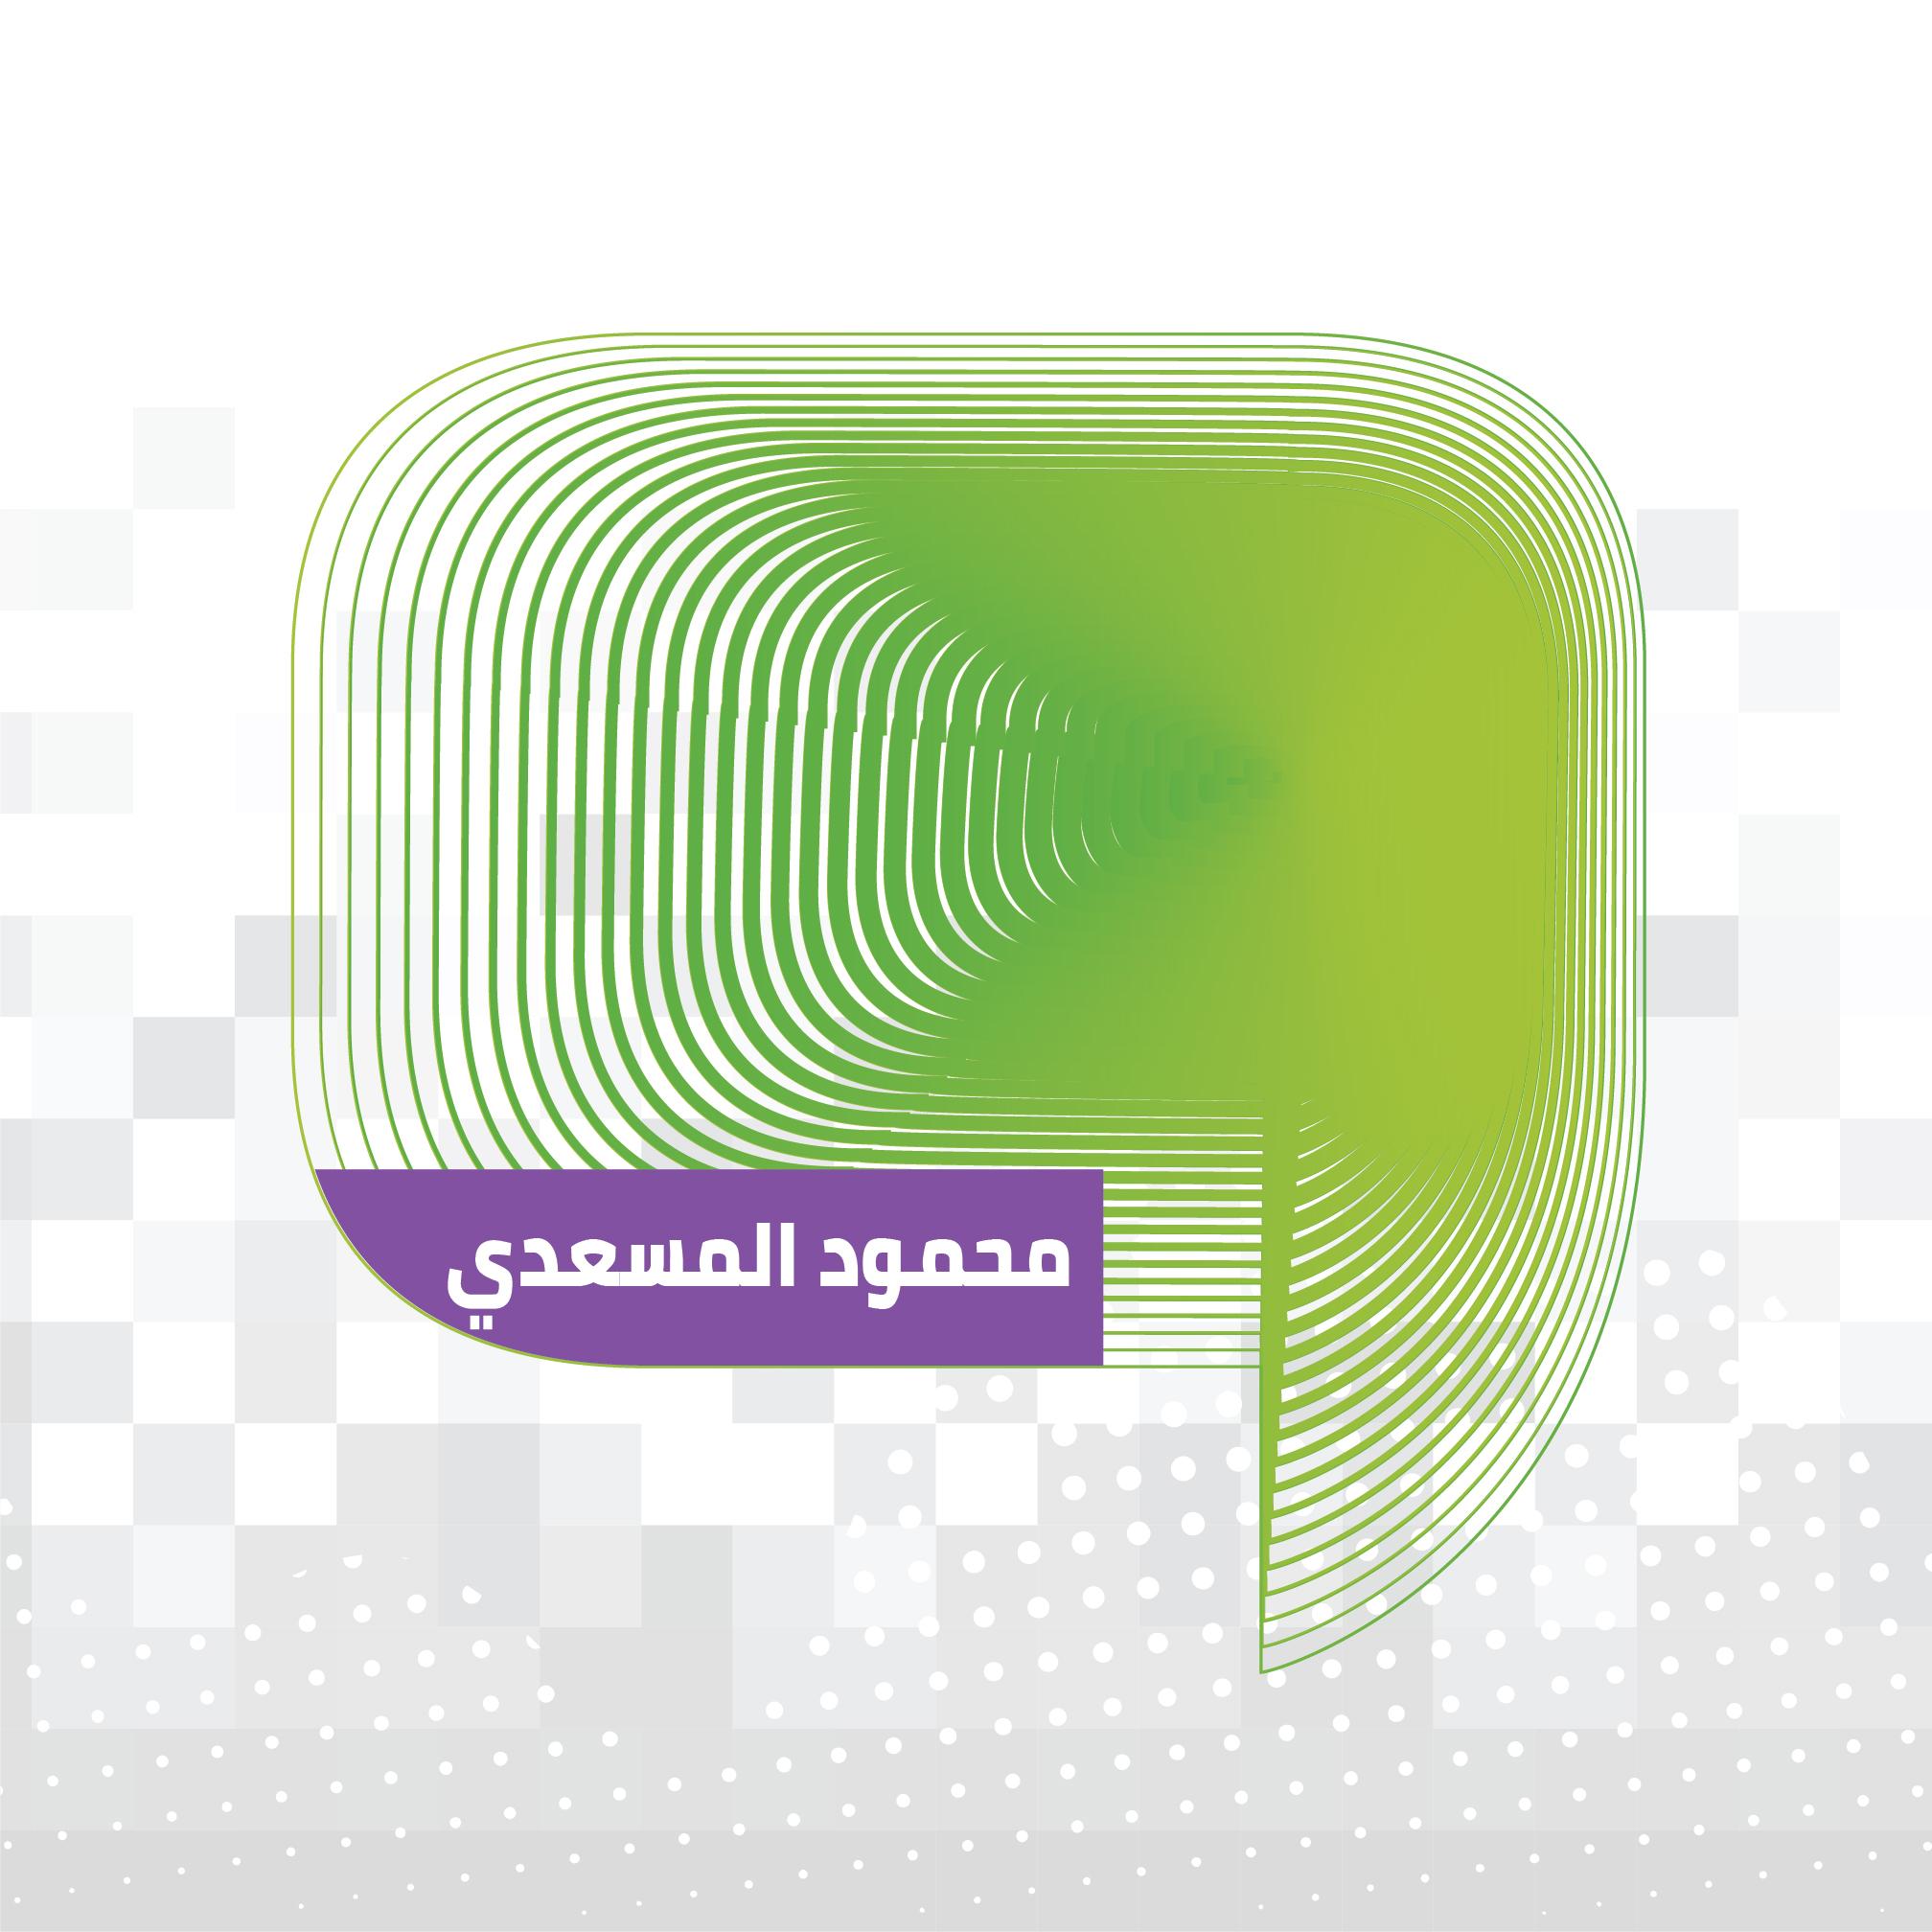 محمود المسعدي